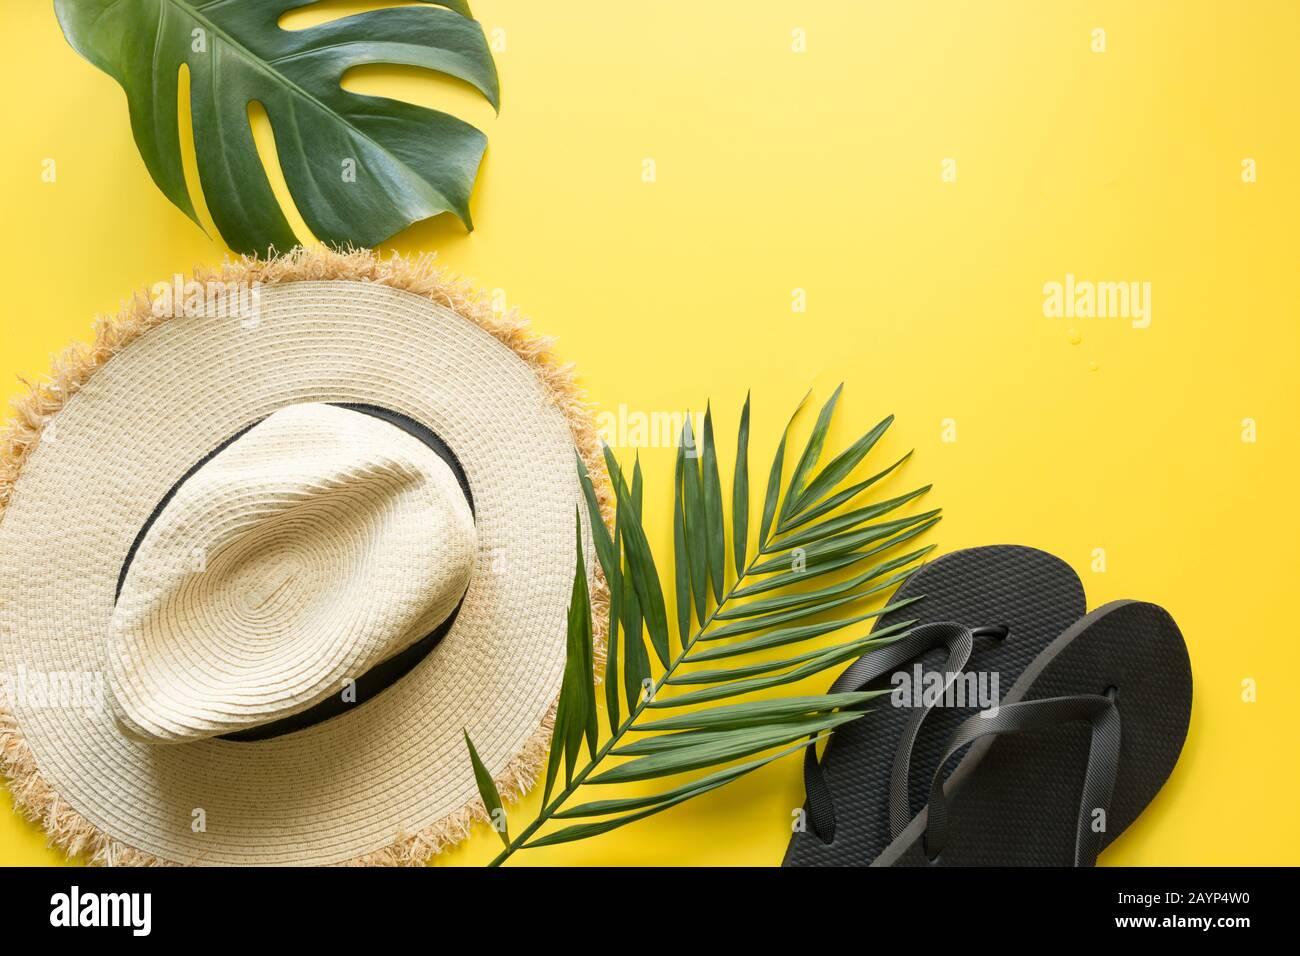 Sombrero de paja de playa, chanclas y hojas de monstera. Fondo de vacaciones de verano con accesorios en amarillo. Vista desde arriba, plano. Espacio para texto. Foto de stock